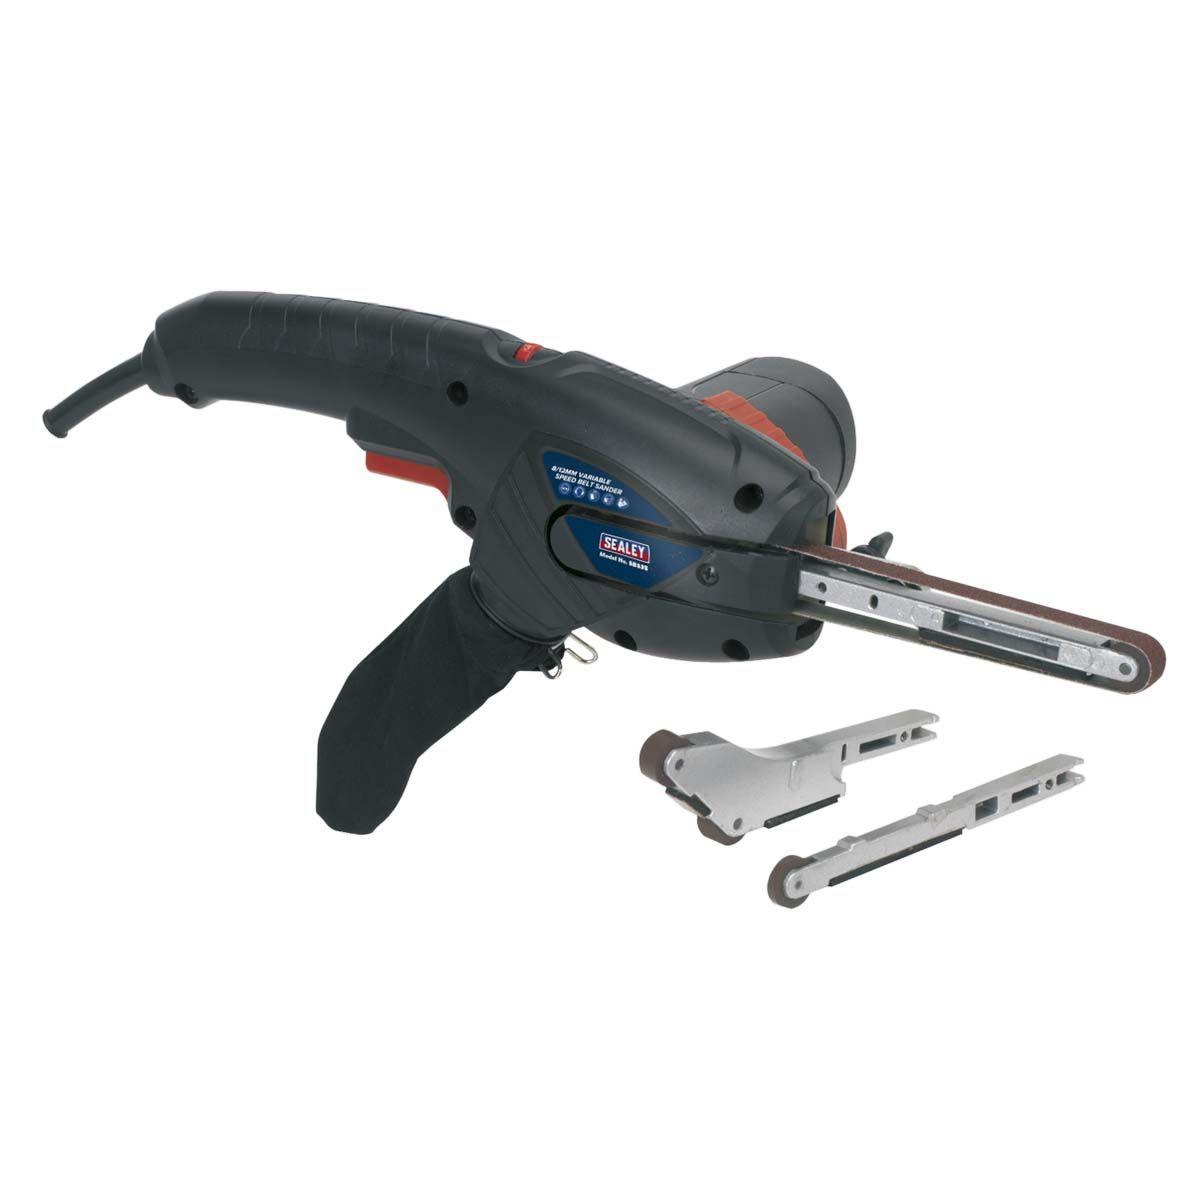 Sealey Variable Speed Belt Sander 400W/230V